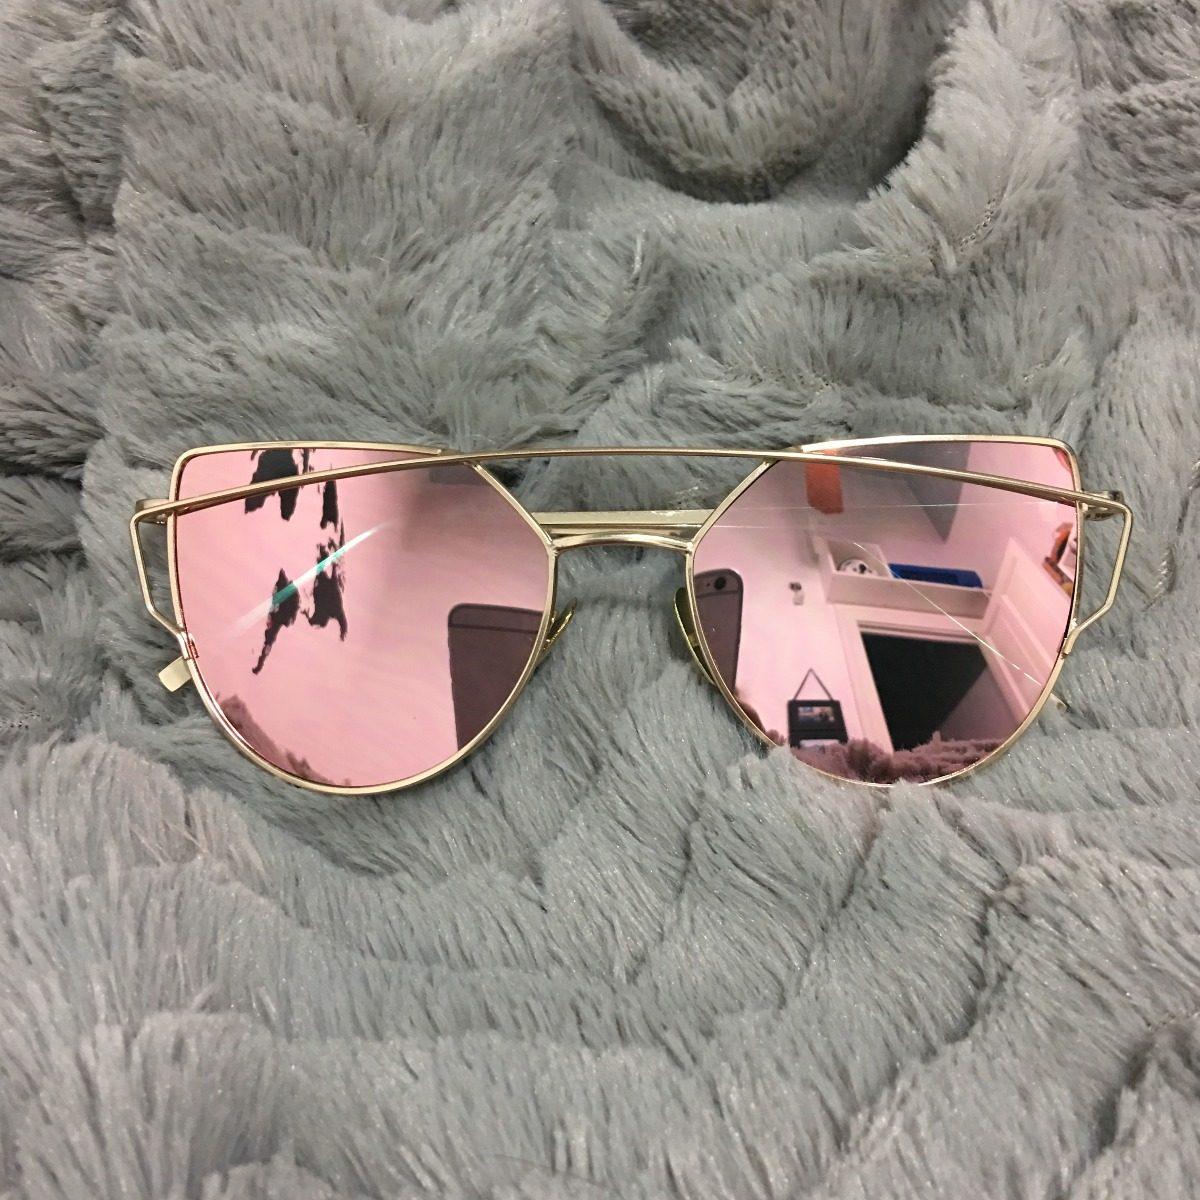 diseño popular cupón de descuento descuento hasta 60% Anteojos Sol Lentes Metal Espejado Moda Cat Eye Mujer Marcos